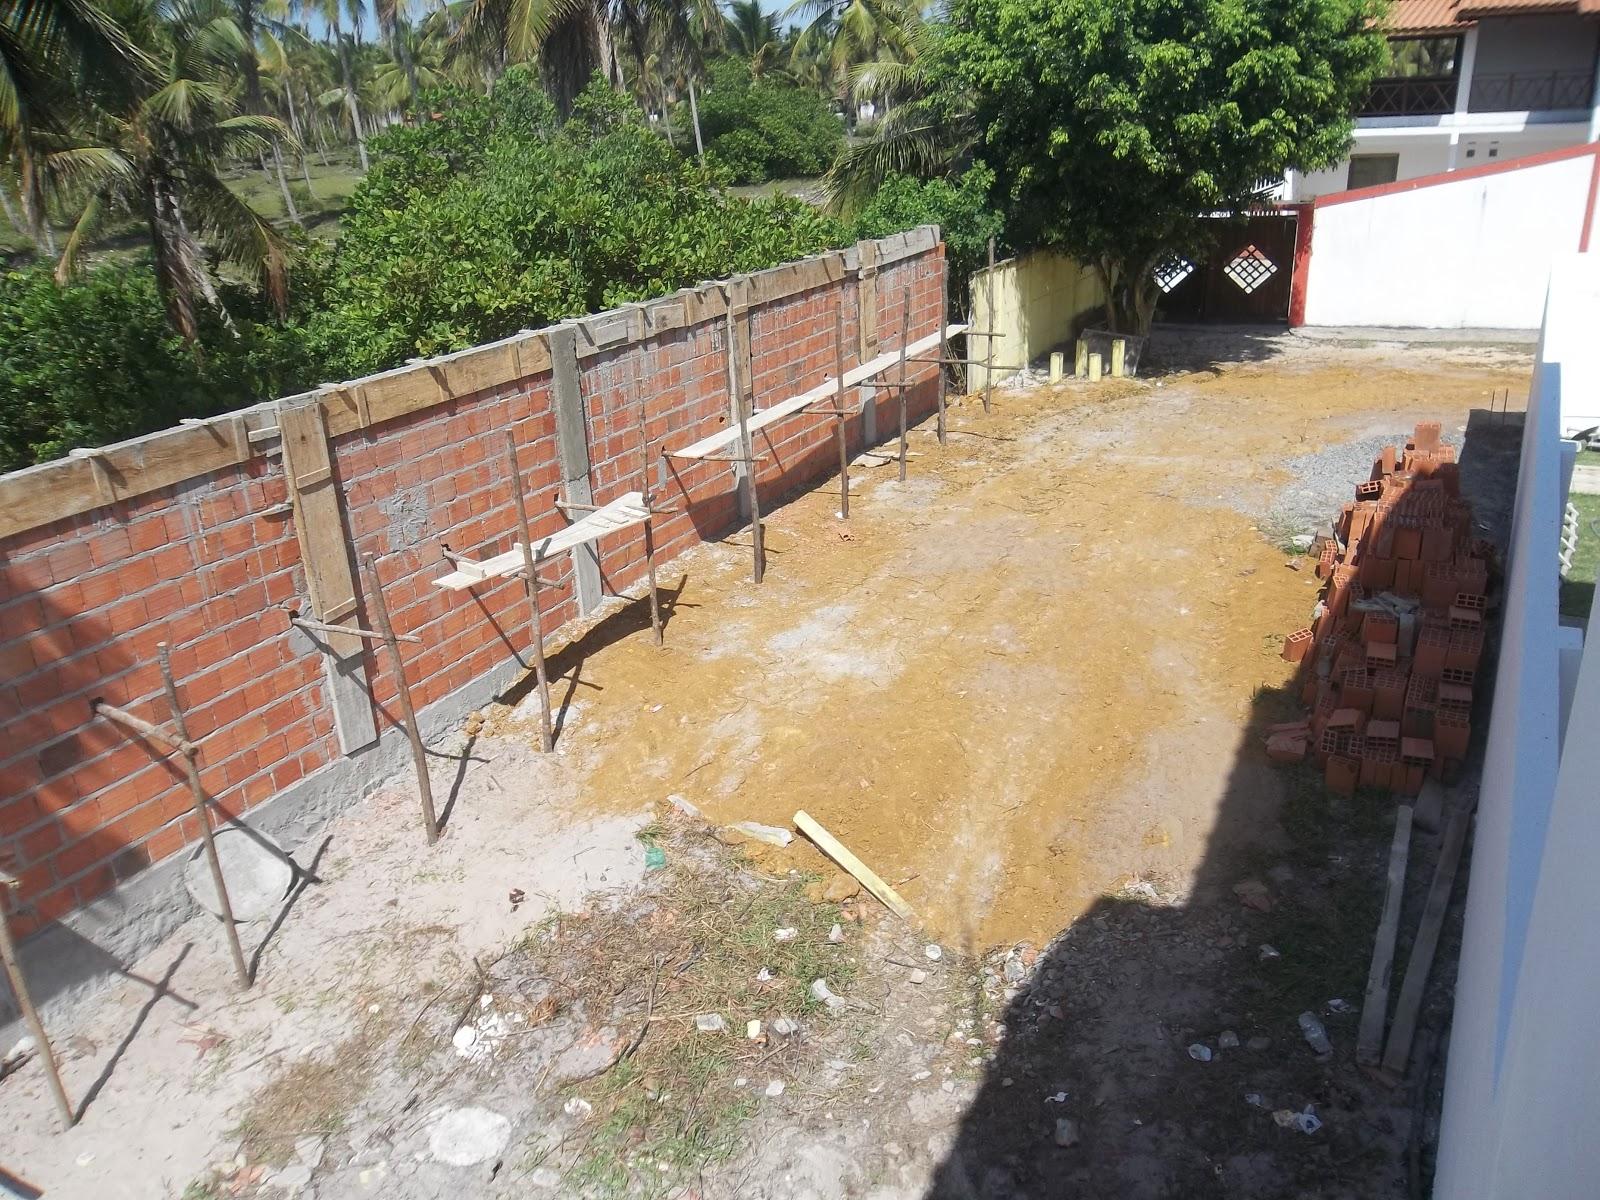 Vendo casa Praia de Guaibim Ba: CONSTRUÇÃO DO MURO #8F6E3C 1600 1200